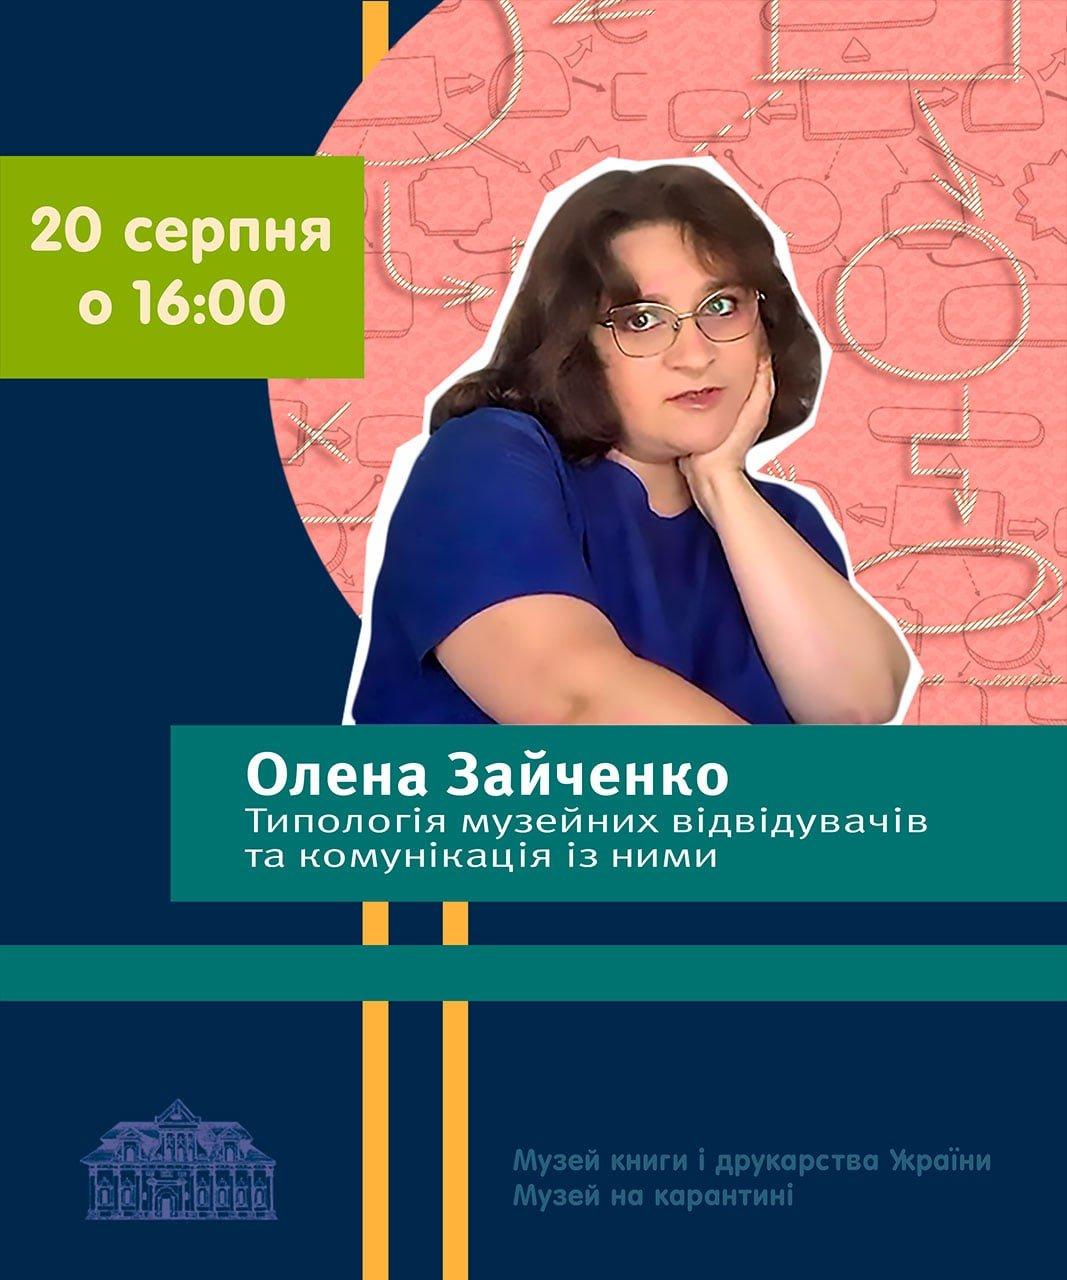 """Live-stream """"Типологія музейних відвідувачів"""""""